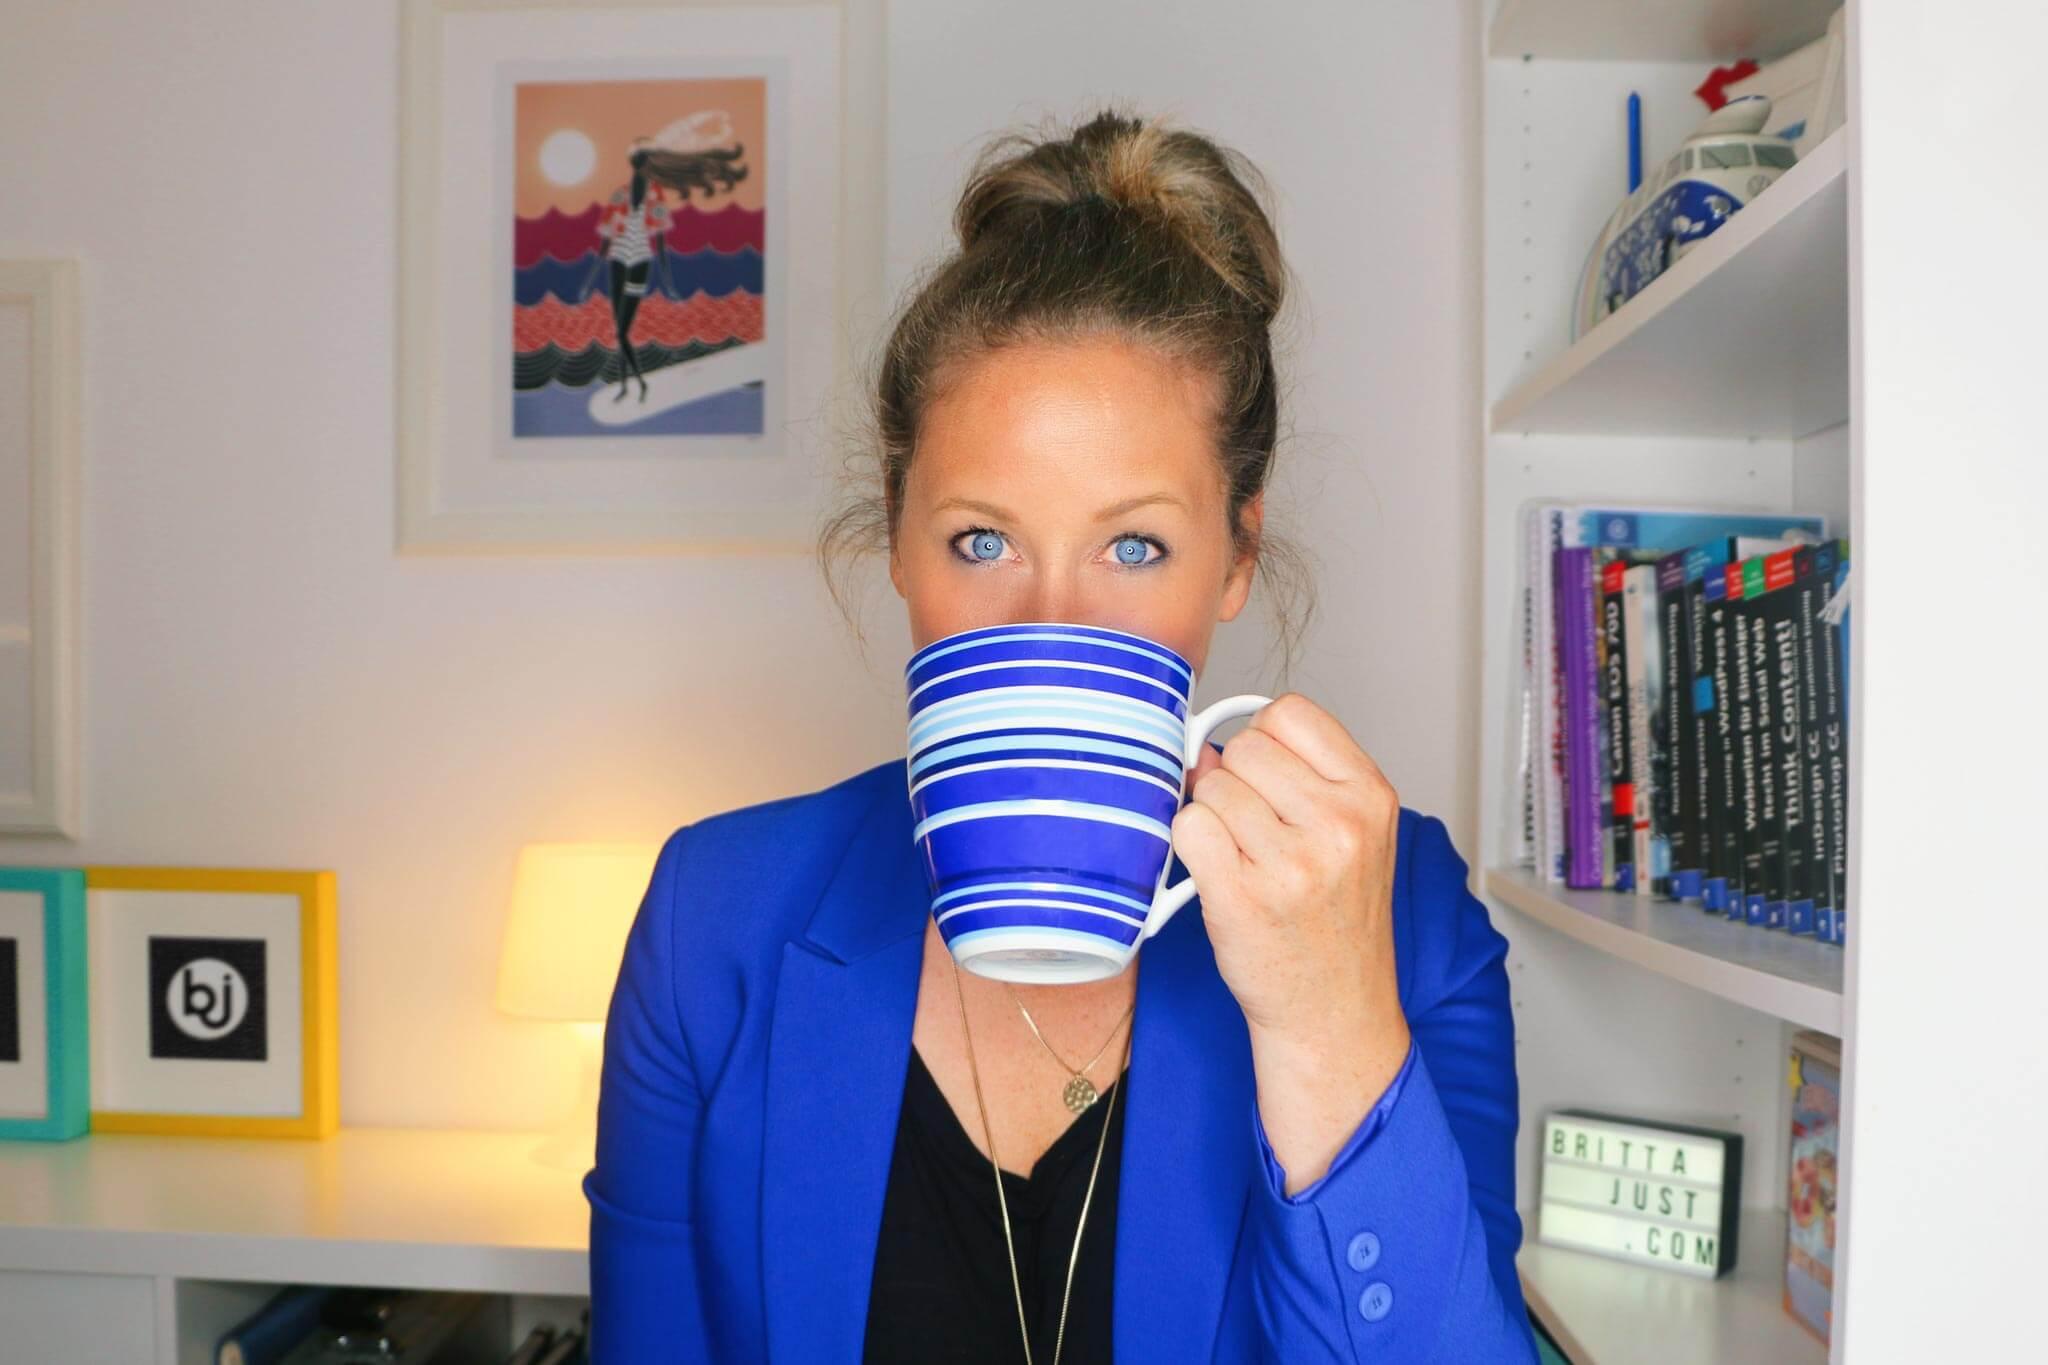 Bild von Britta im blauen Blazer, in dem sie mit ihrer blau geringelten Kaffeetasse 50 Fun Facts über sich verrät.